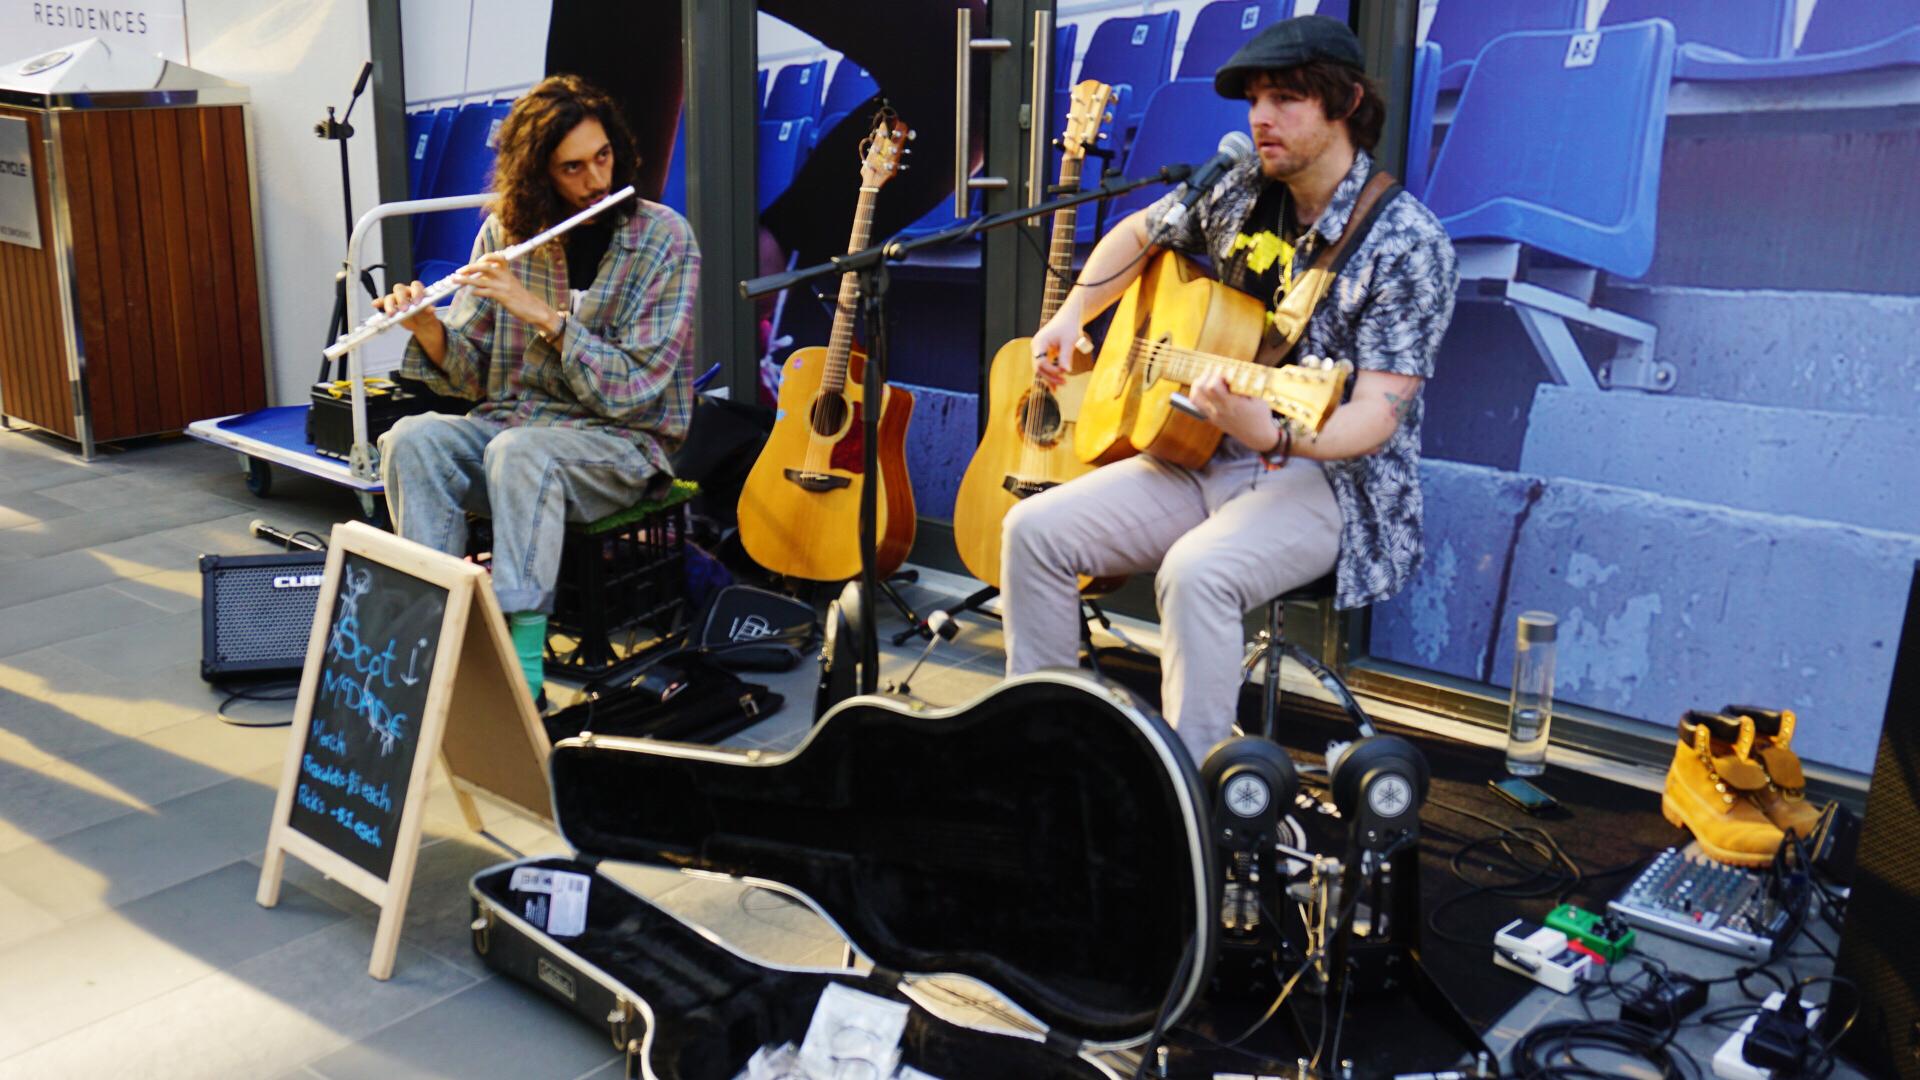 街头艺术家们演奏的音乐永远是必不可少的元素